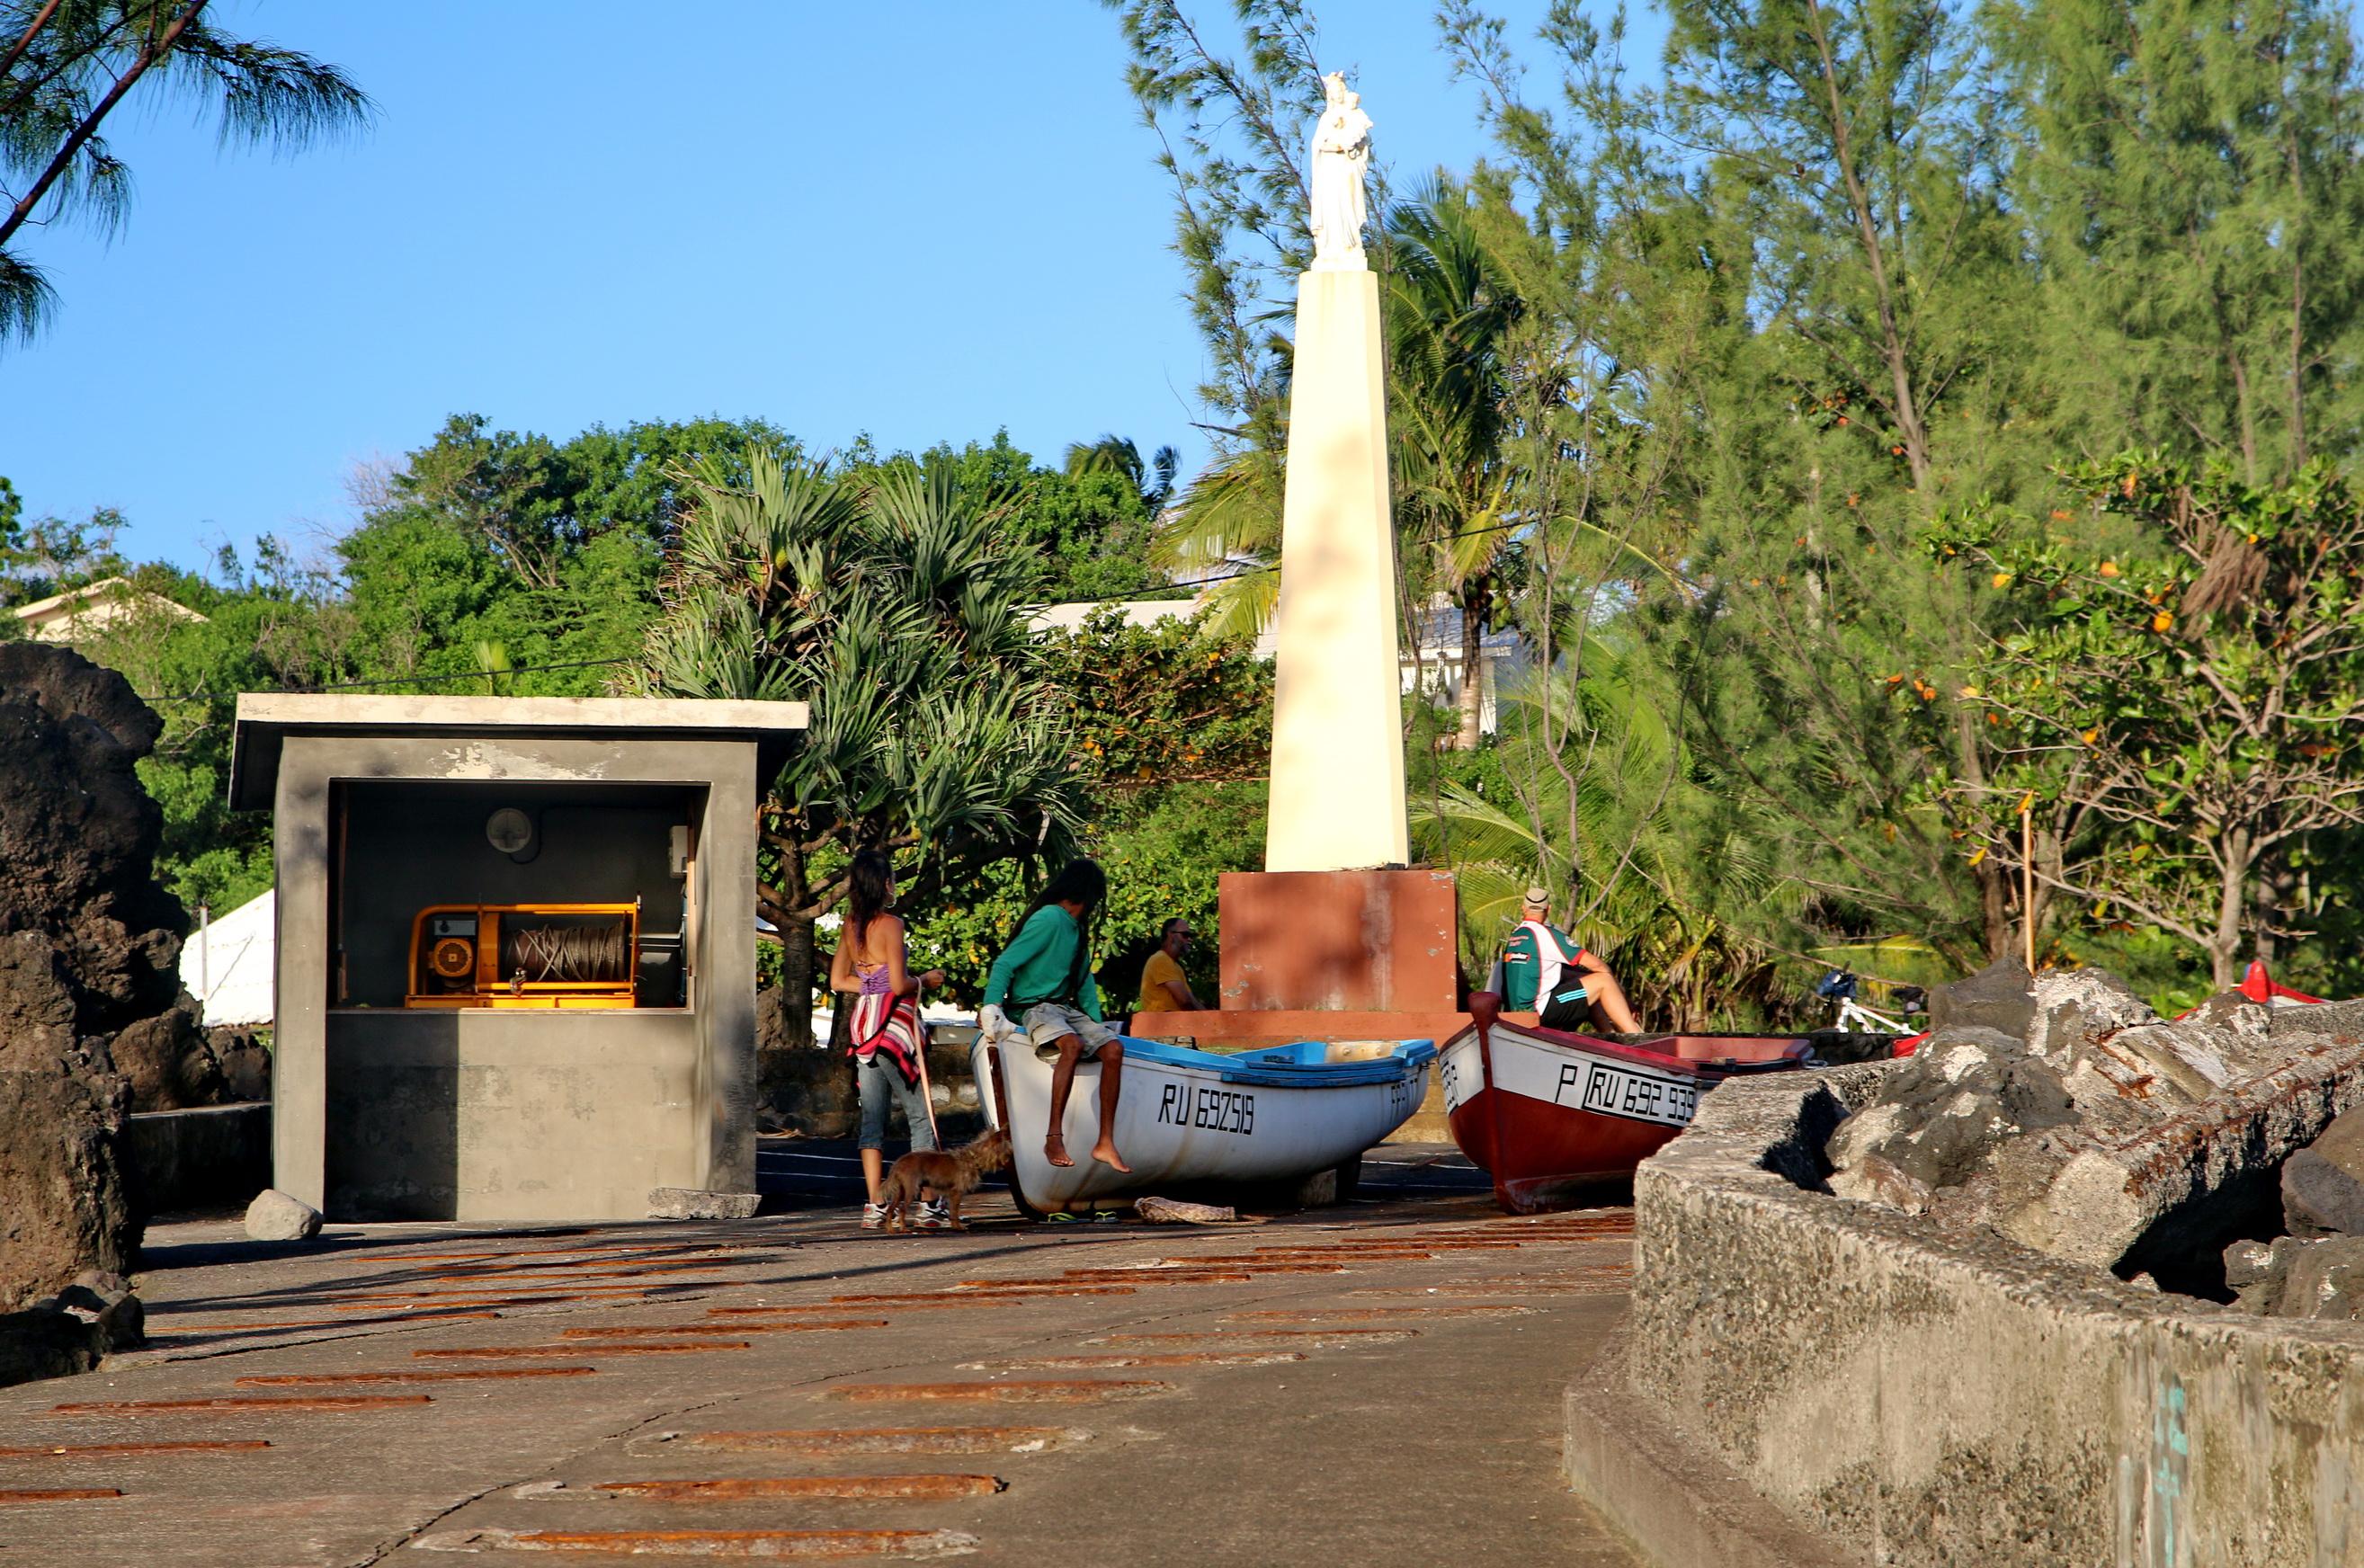 [Vie des ports] Les ports de la Réunion - Page 5 931152capmchantlangevin145